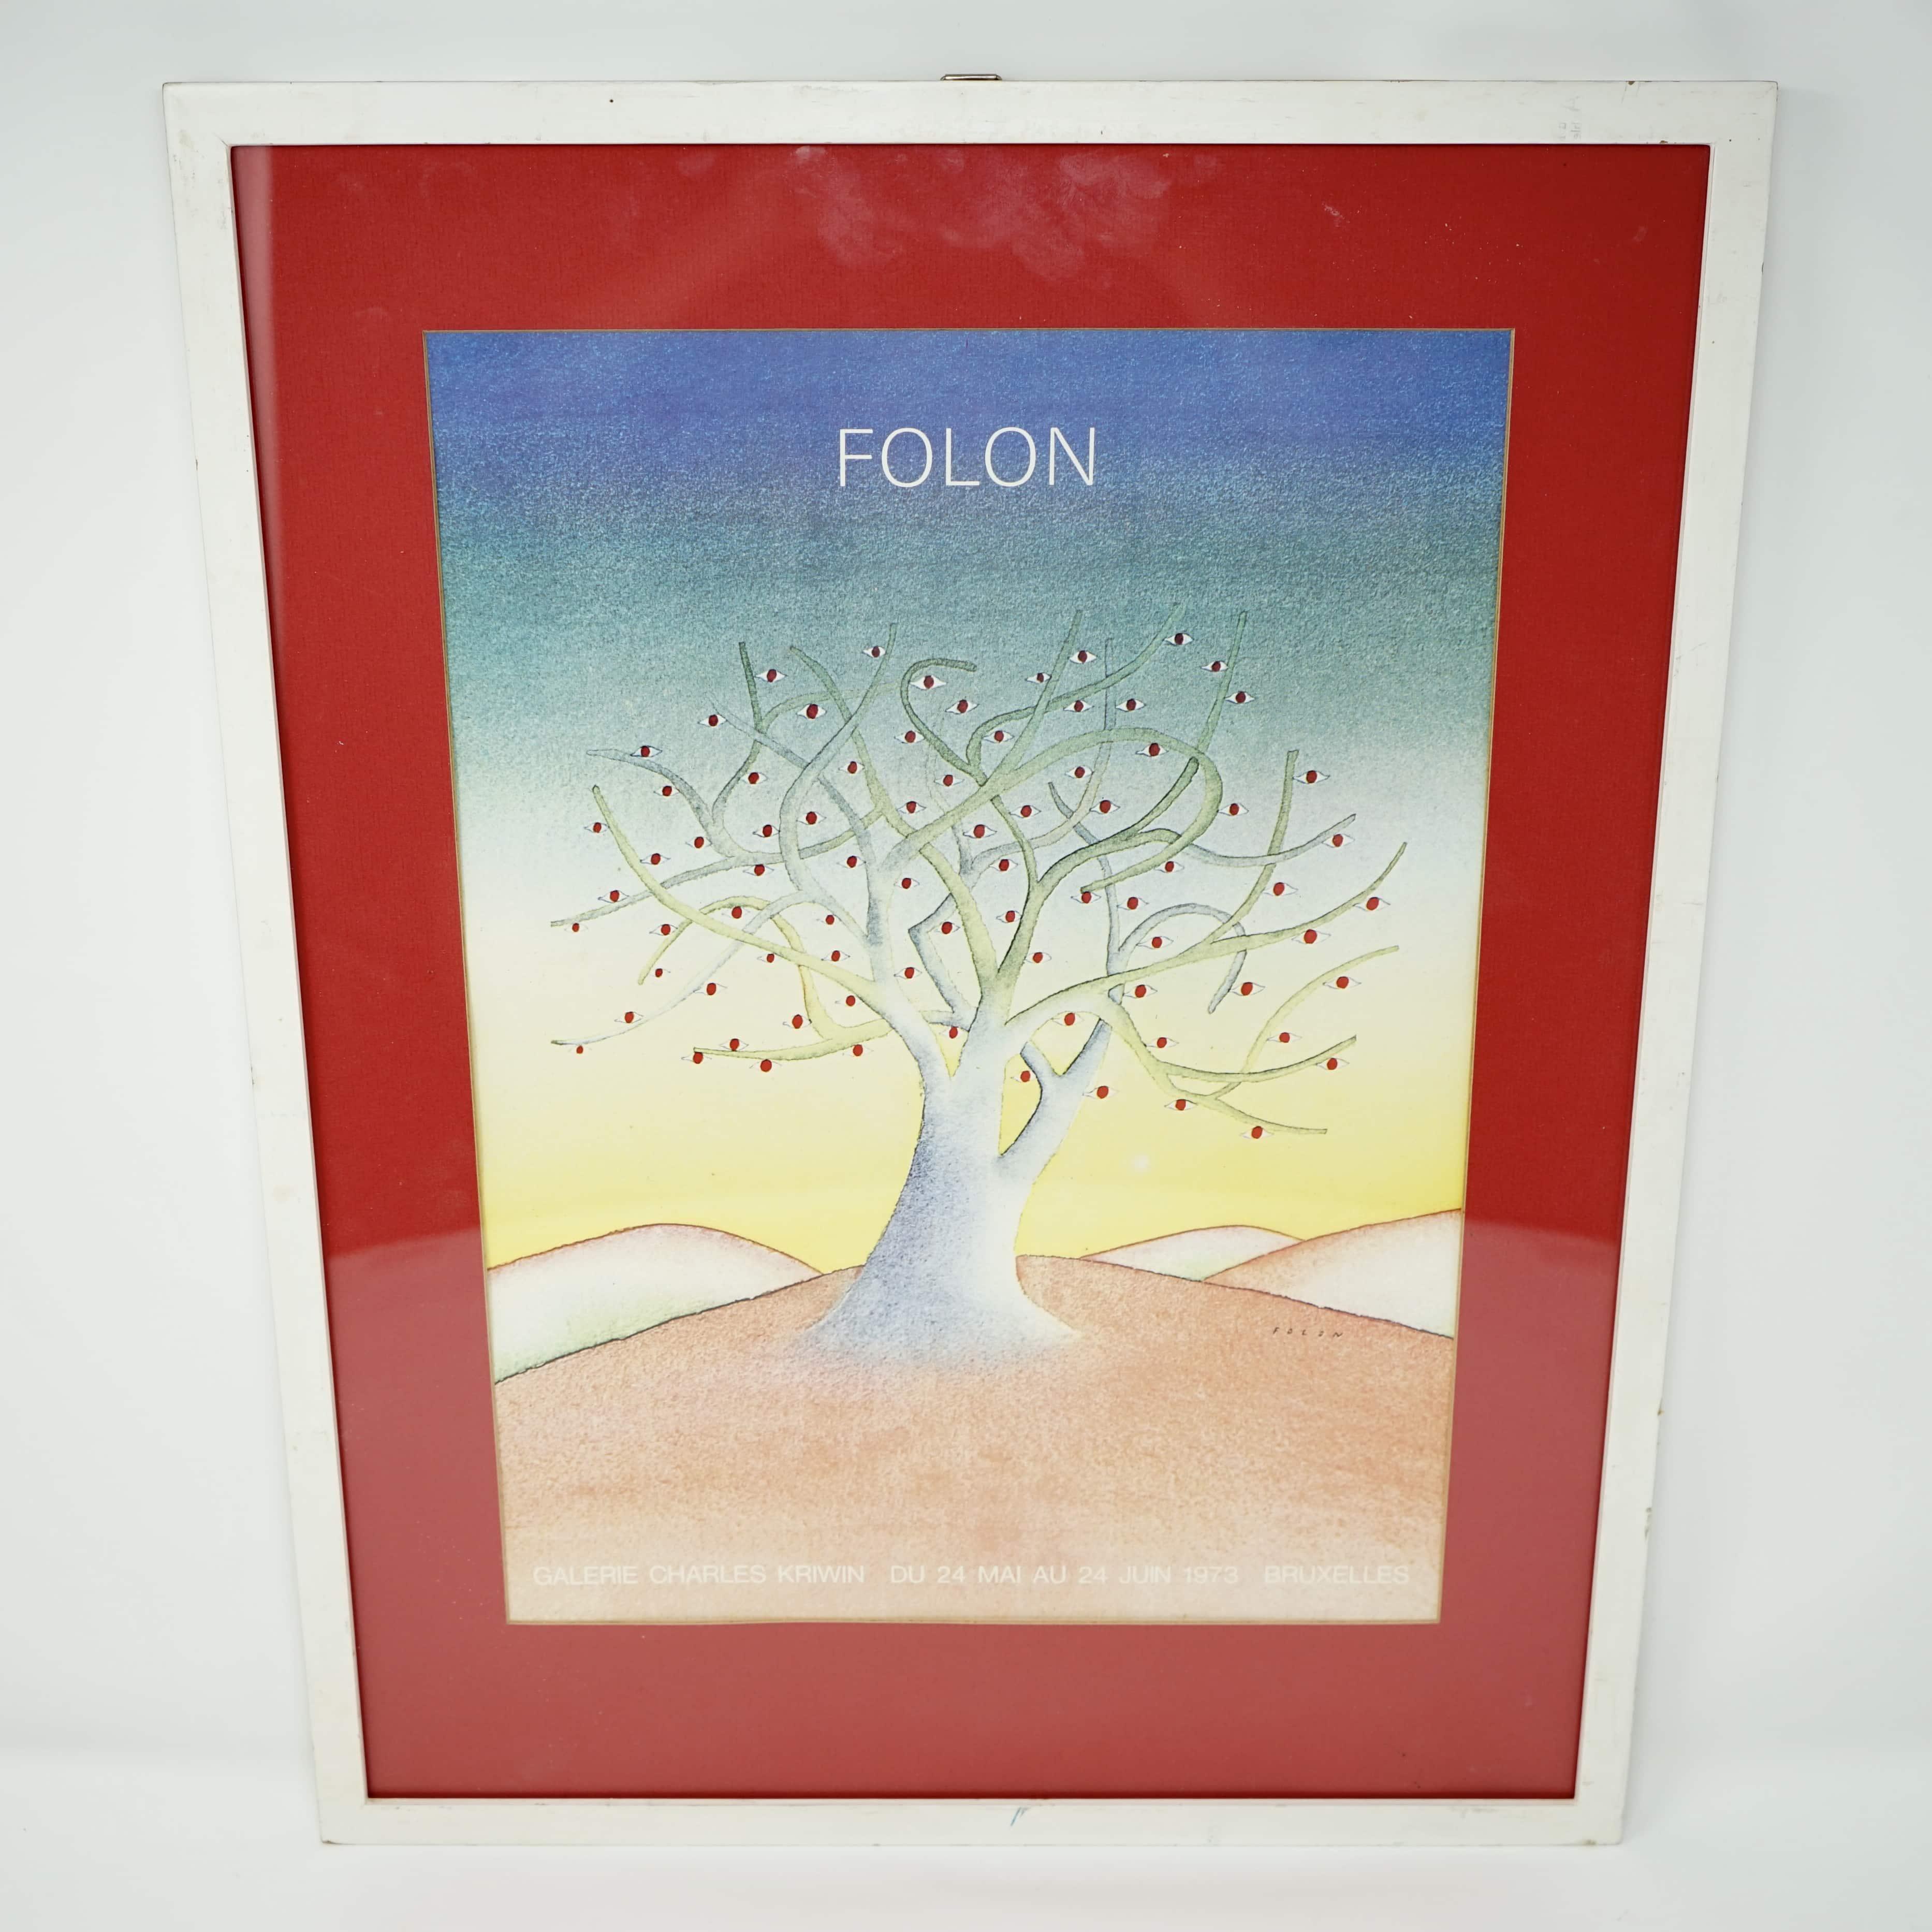 Affiche L'Arbre Aux Yeux de Folon 1973